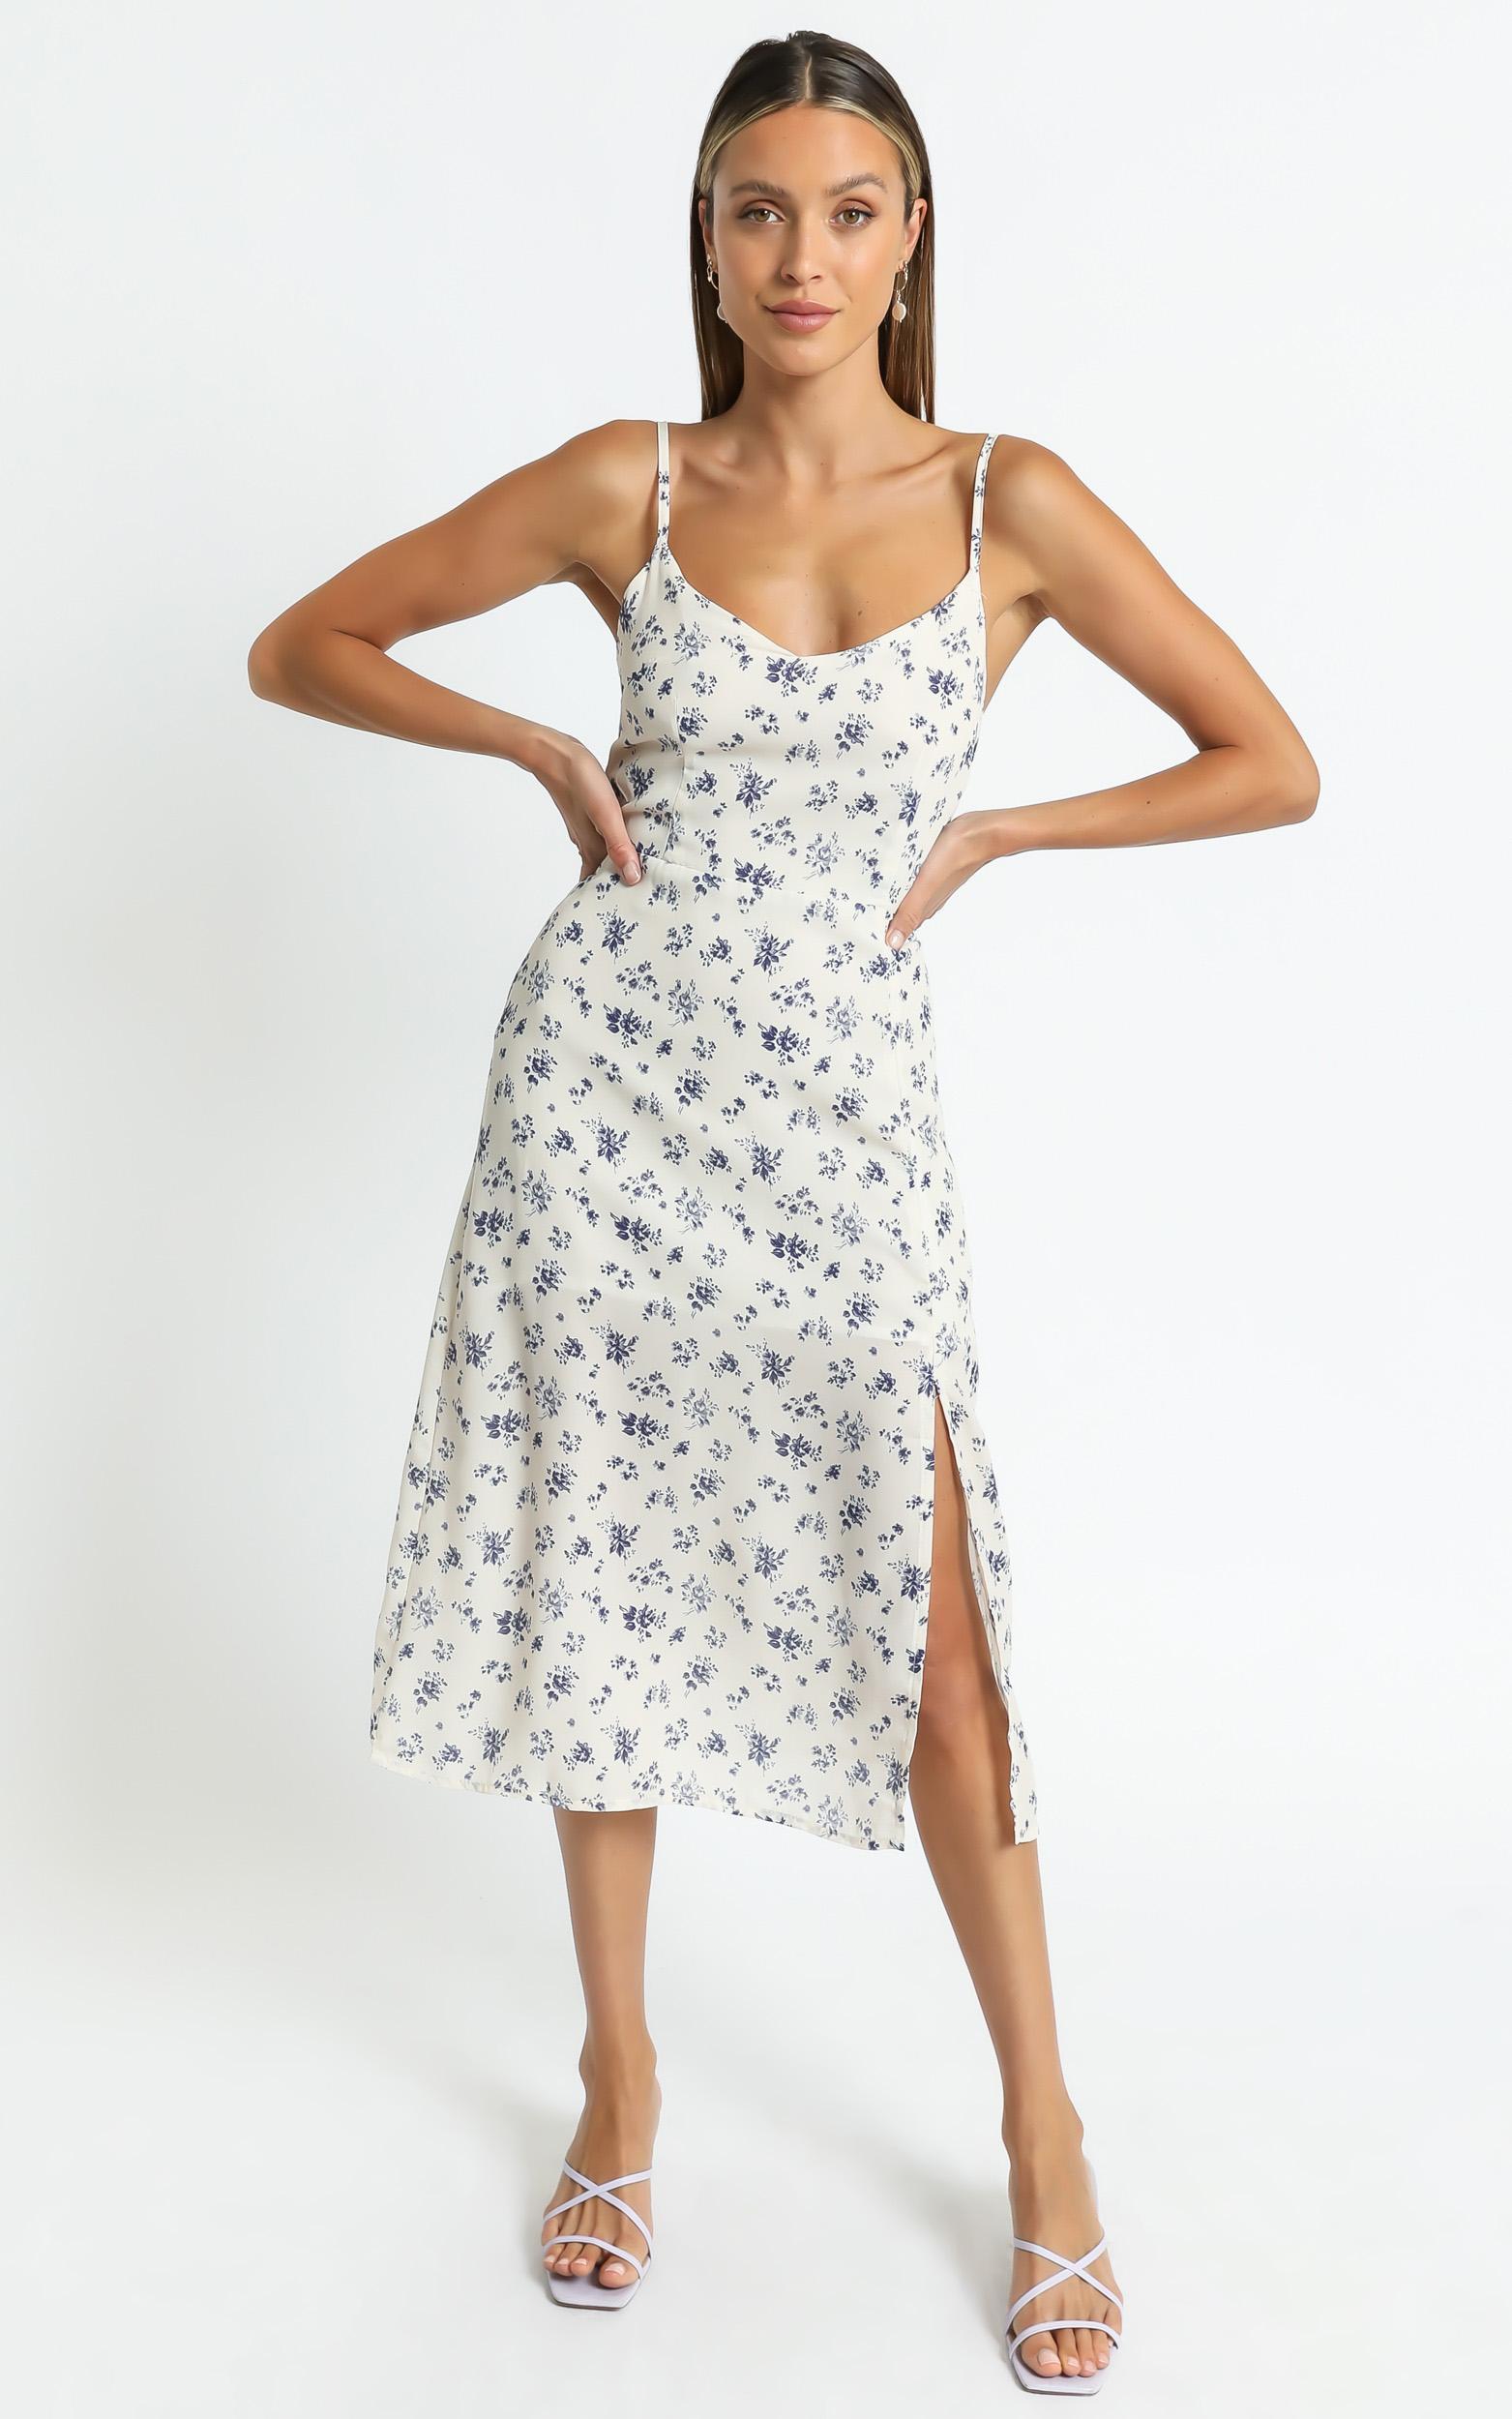 Izabella Dress in Cream Floral - 8 (S), Cream, hi-res image number null